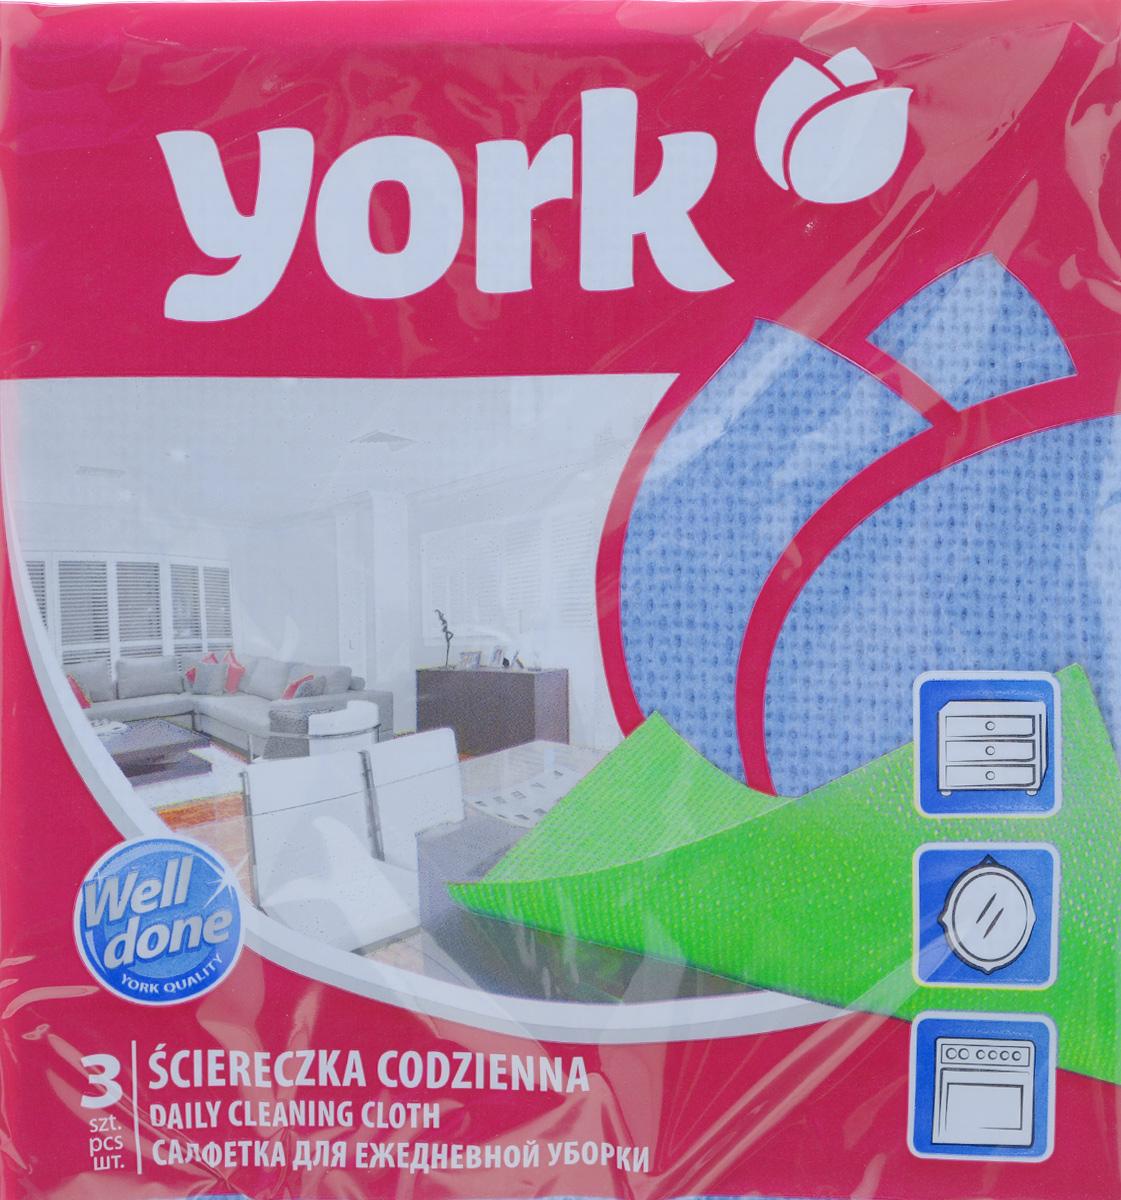 Салфетка для ежедневной уборки York Ламбада, цвет: синий, 37 х 40 см, 3 шт2106_синийУниверсальная салфетка York Ламбада предназначена для мытья, протирания и полировки различных поверхностей. Салфетка, выполненная из вискозы, отличается высокой прочностью. Салфетка хорошо поглощает влагу. Идеальна для ухода за столешницами и раковиной, а также для мытья посуды. Может использоваться в сухом и влажном виде. В комплекте 3 салфетки. Размер салфетки: 37 см х 40 см.